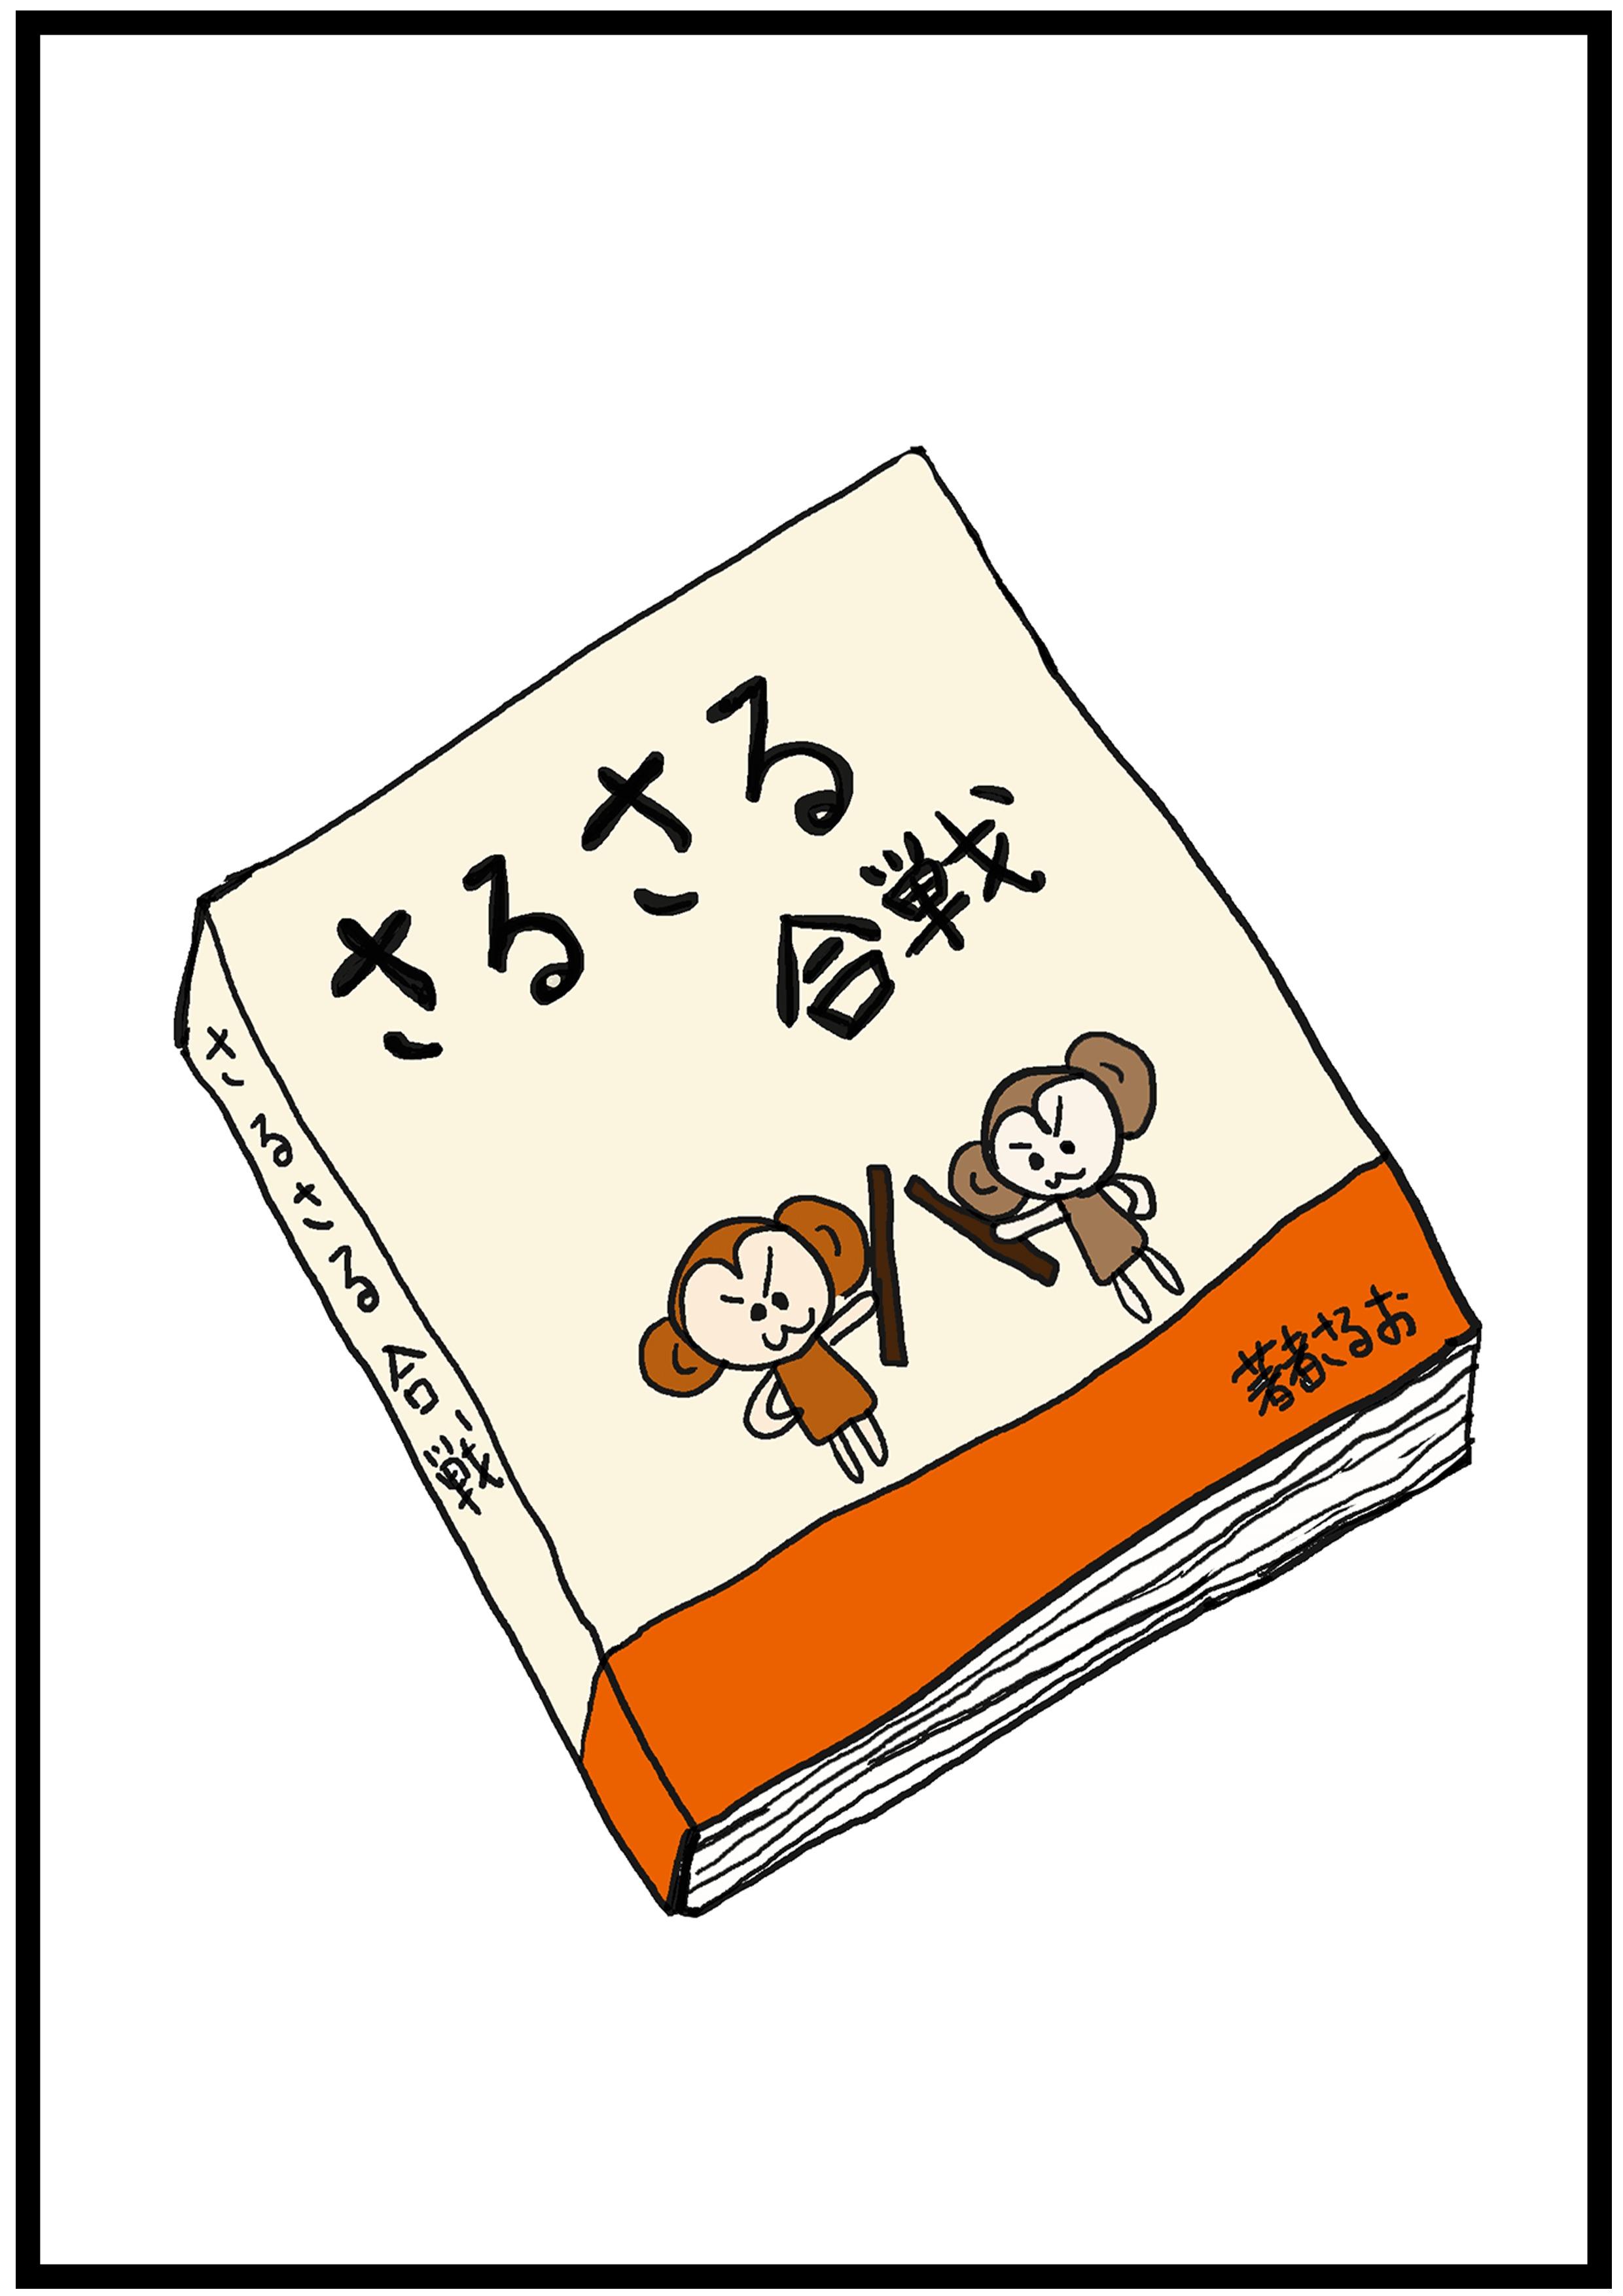 イラスト【本】